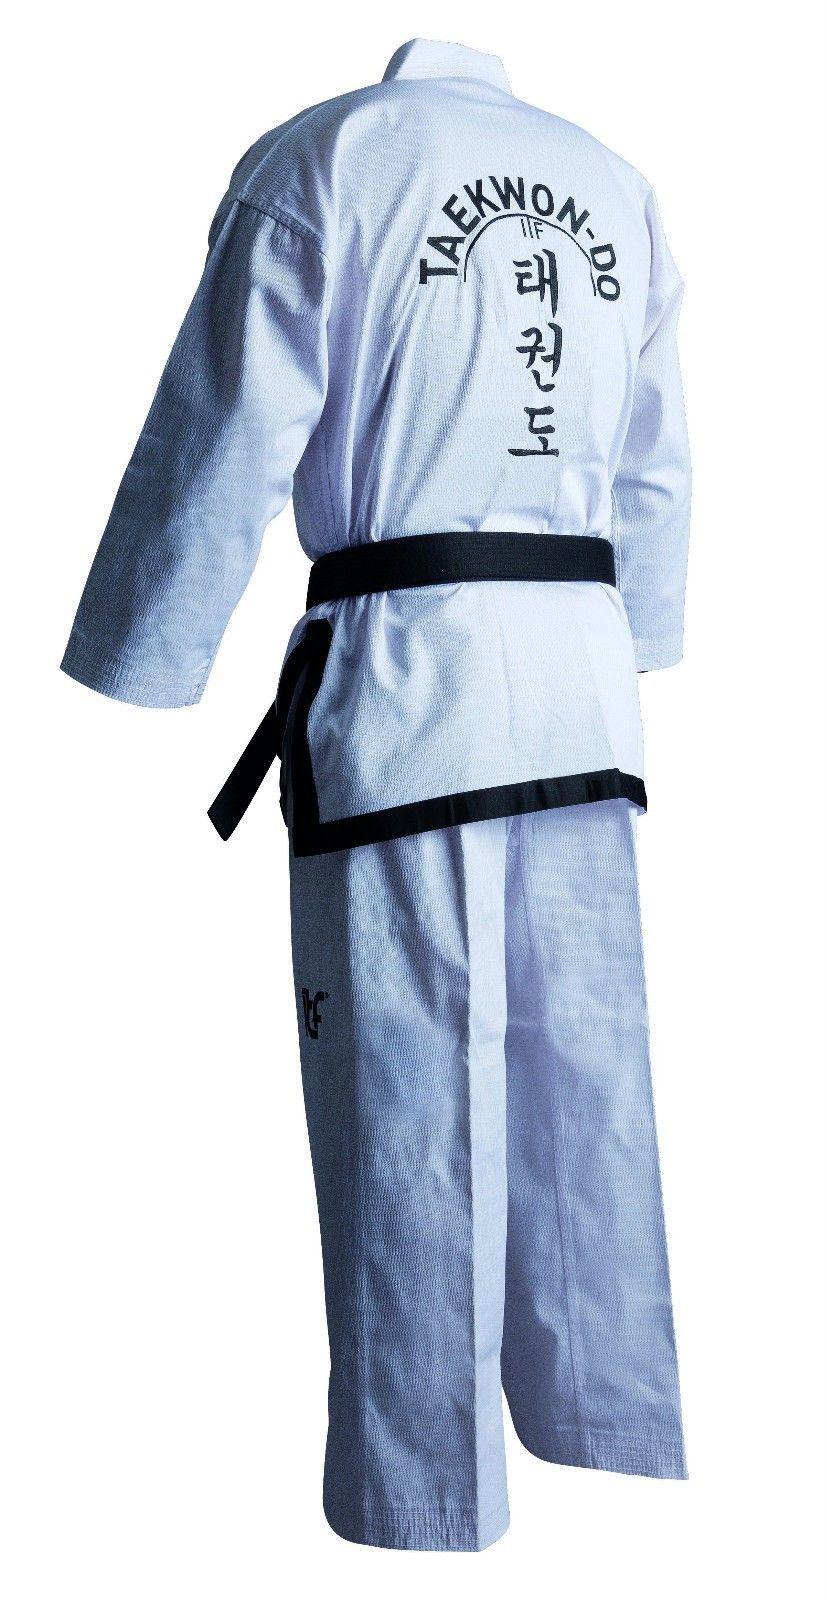 Taekwon do itf noir